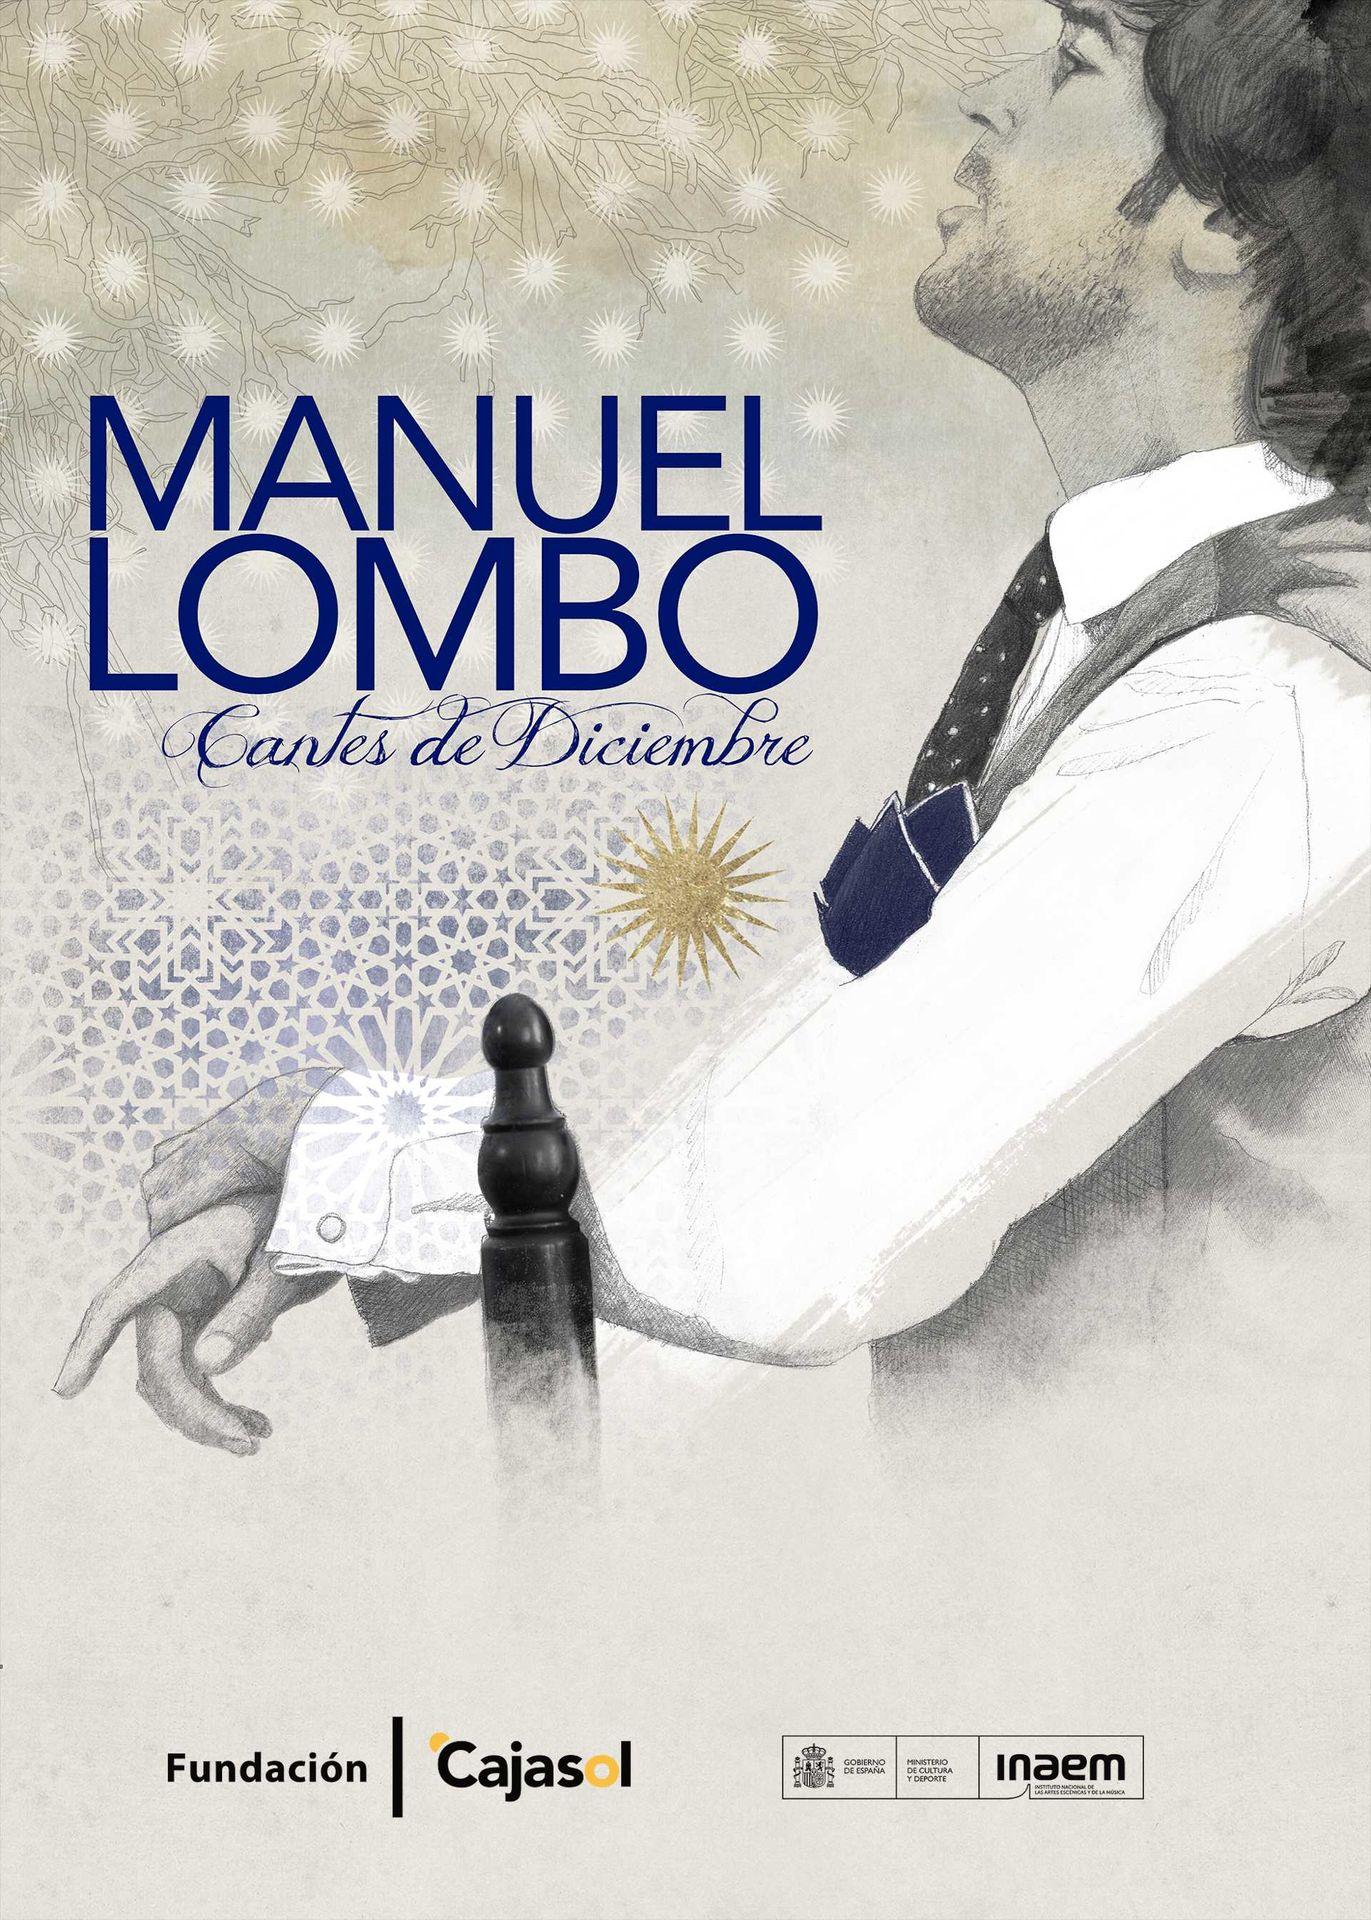 cartel-manuel-lombo-navidad.jpg